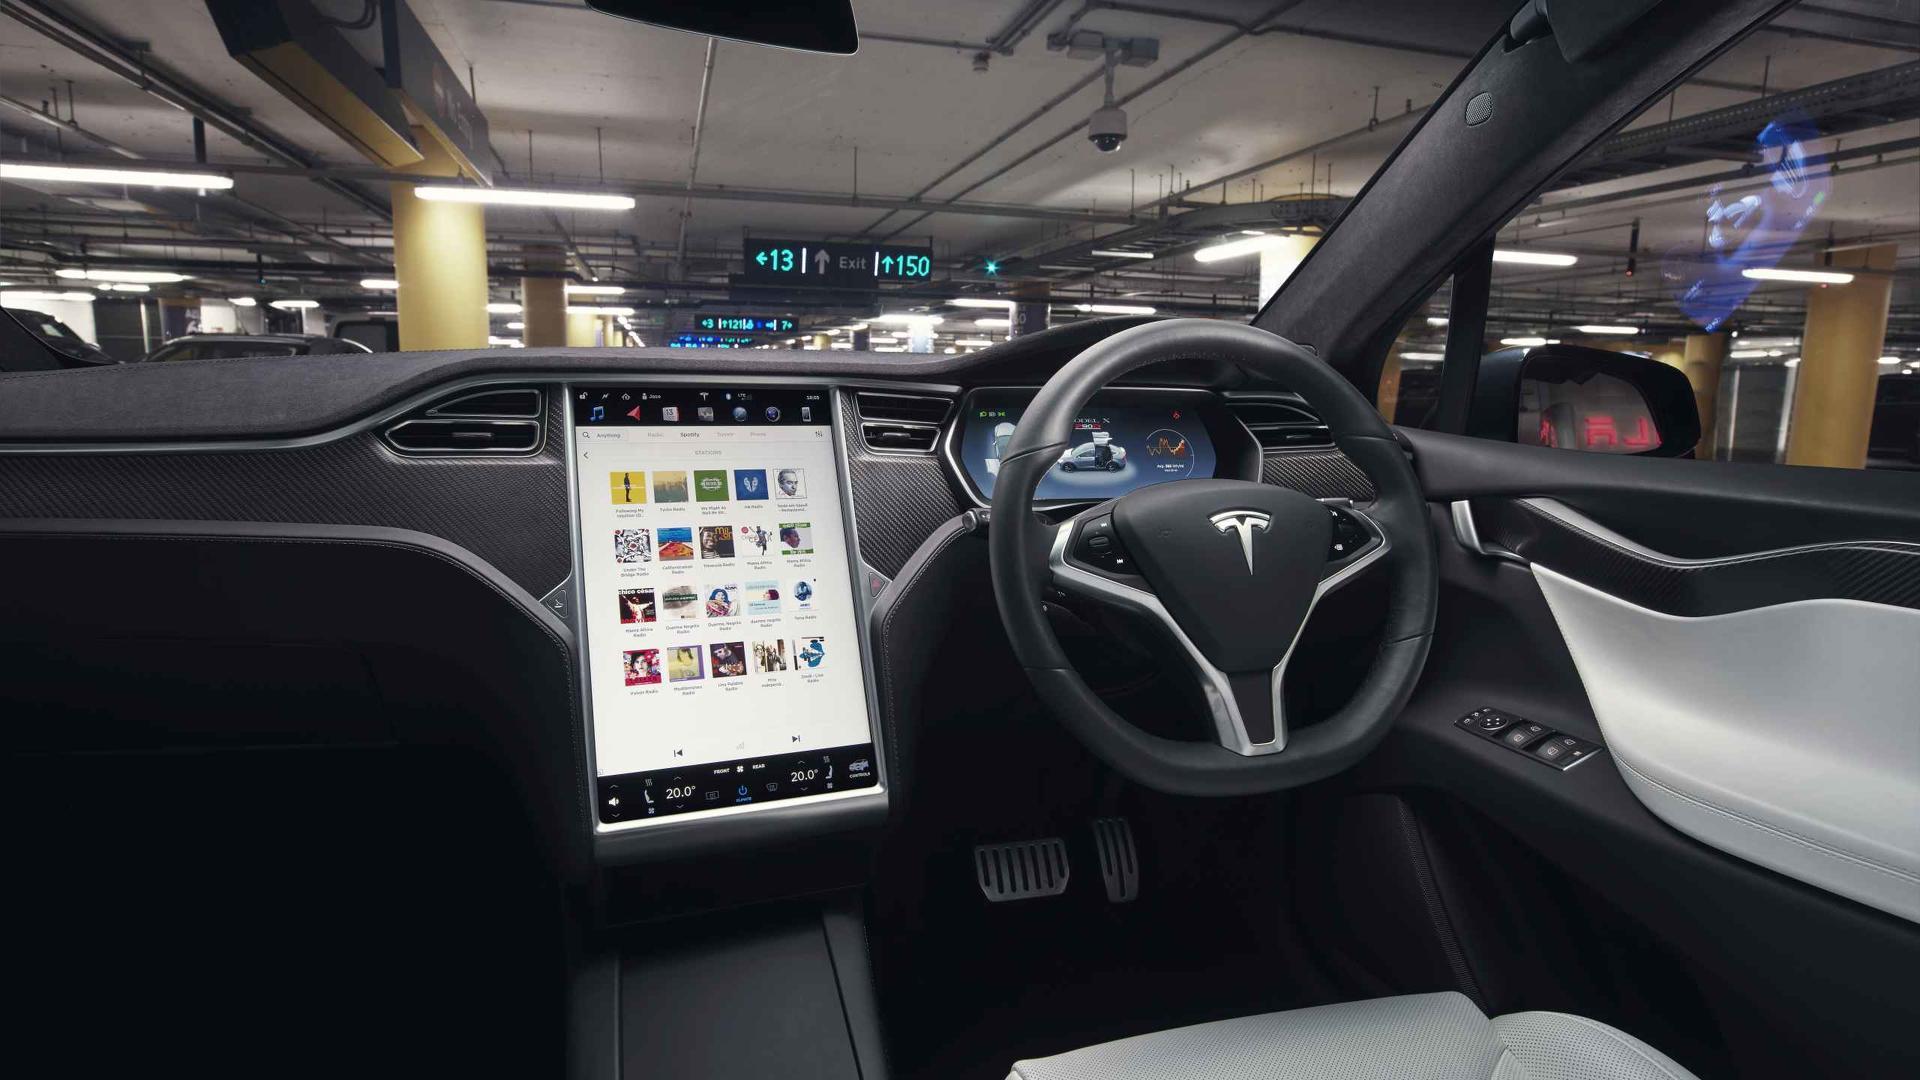 Главный дизайнер Jaguar раскритиковал моду на сенсорные экраны в машинах 1